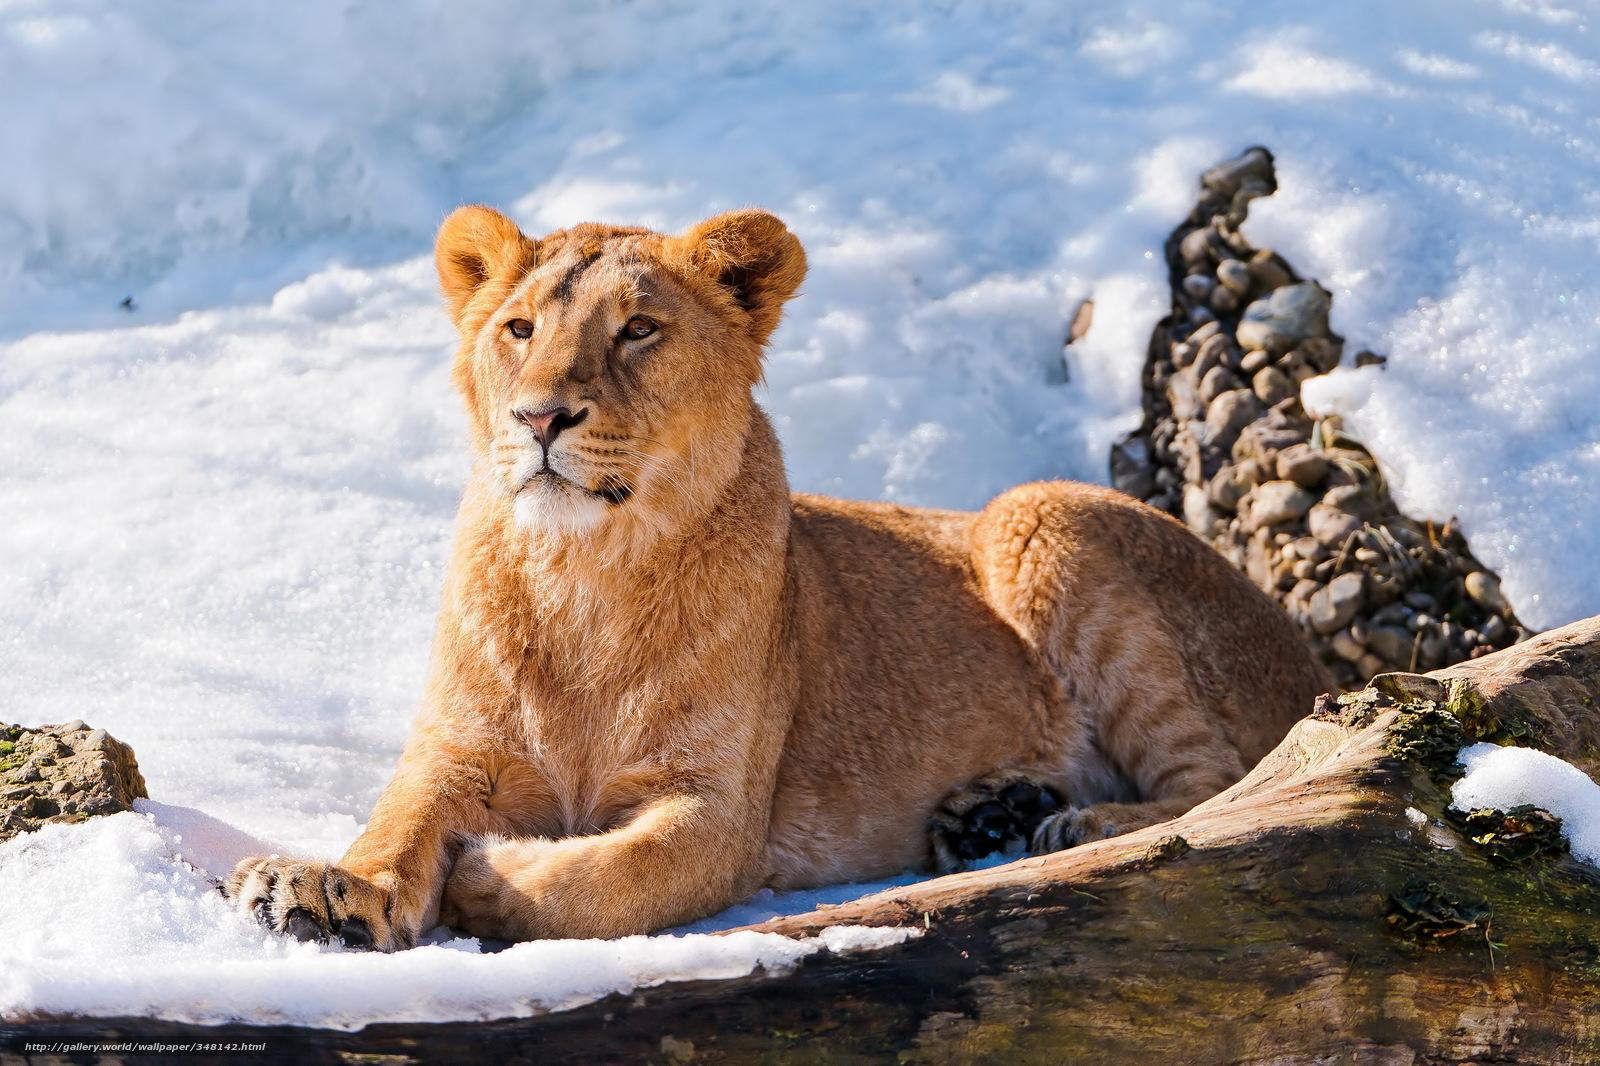 Tlcharger fond d 39 ecran lion neige hiver fonds d 39 ecran for Fond ecran hiver animaux